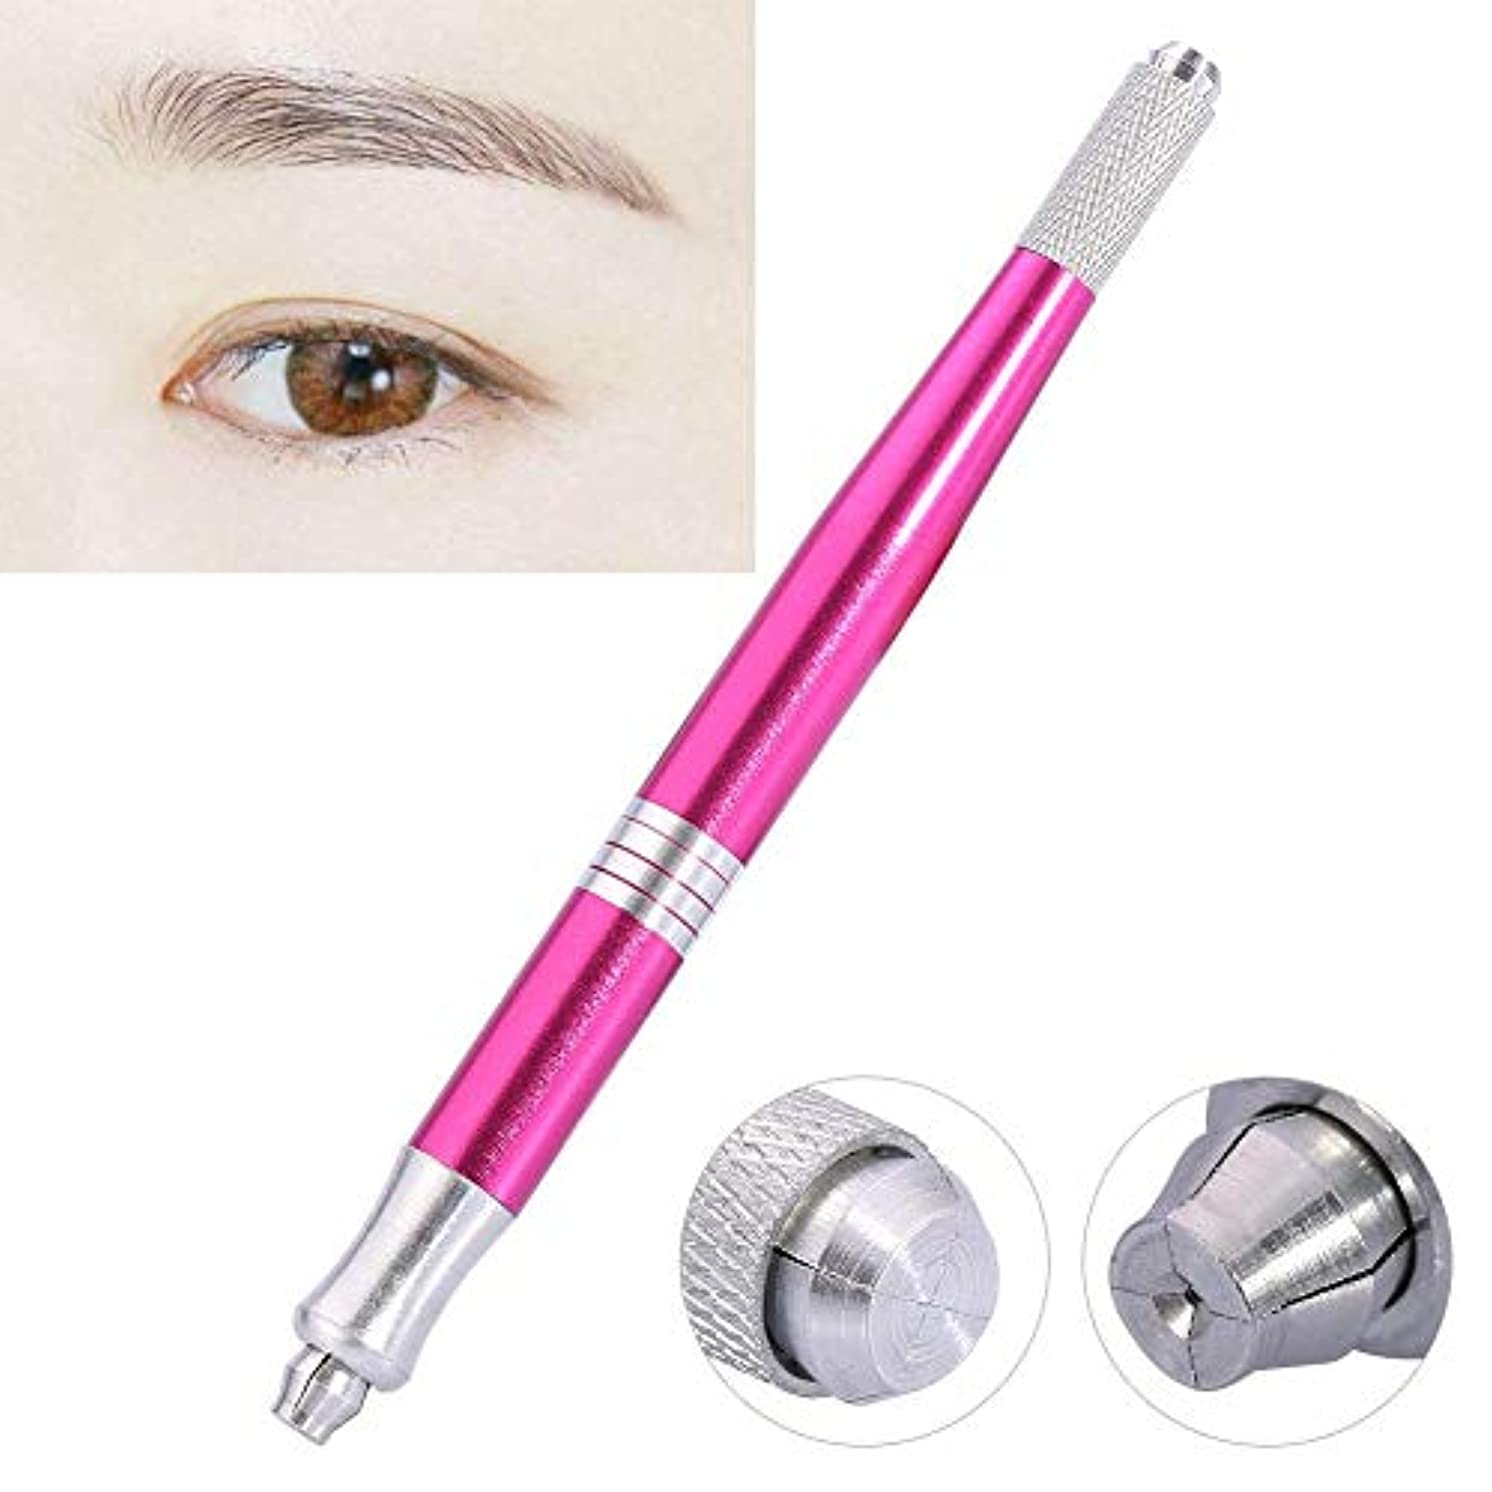 代表して粒テレビタトゥーペン - 眉毛タトゥーペンマニュアルマイクロブレードペンアイライナーリップ、手刺繍アイブロウペンシル - ウォーターフォグの眉毛を作成します